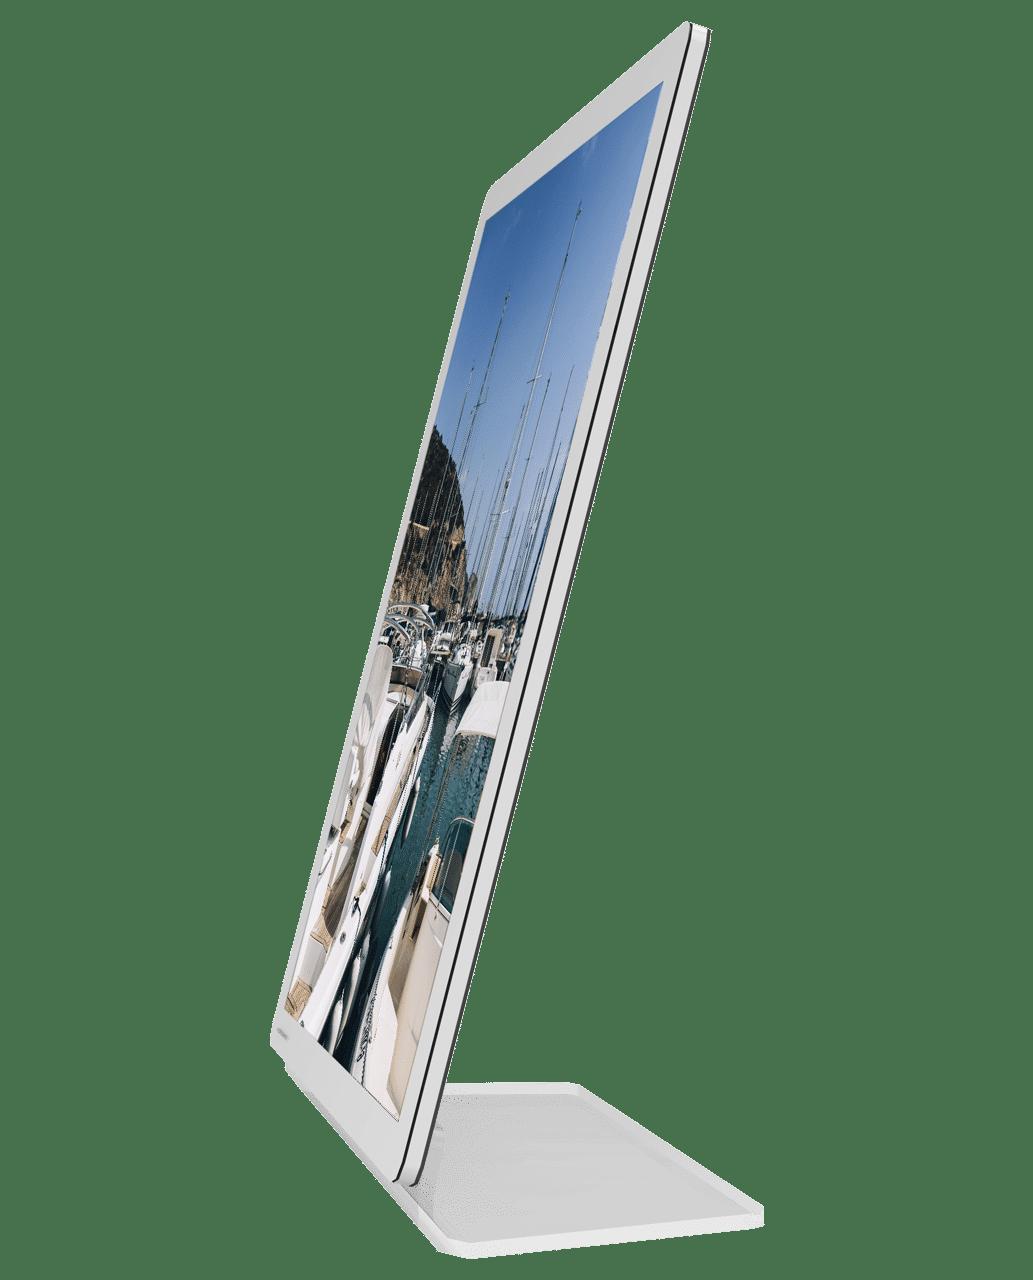 Painel de LED VitrineMedia slim, ultra fino, com base em acrílico no formato L para ser instalado em balcões e mesas